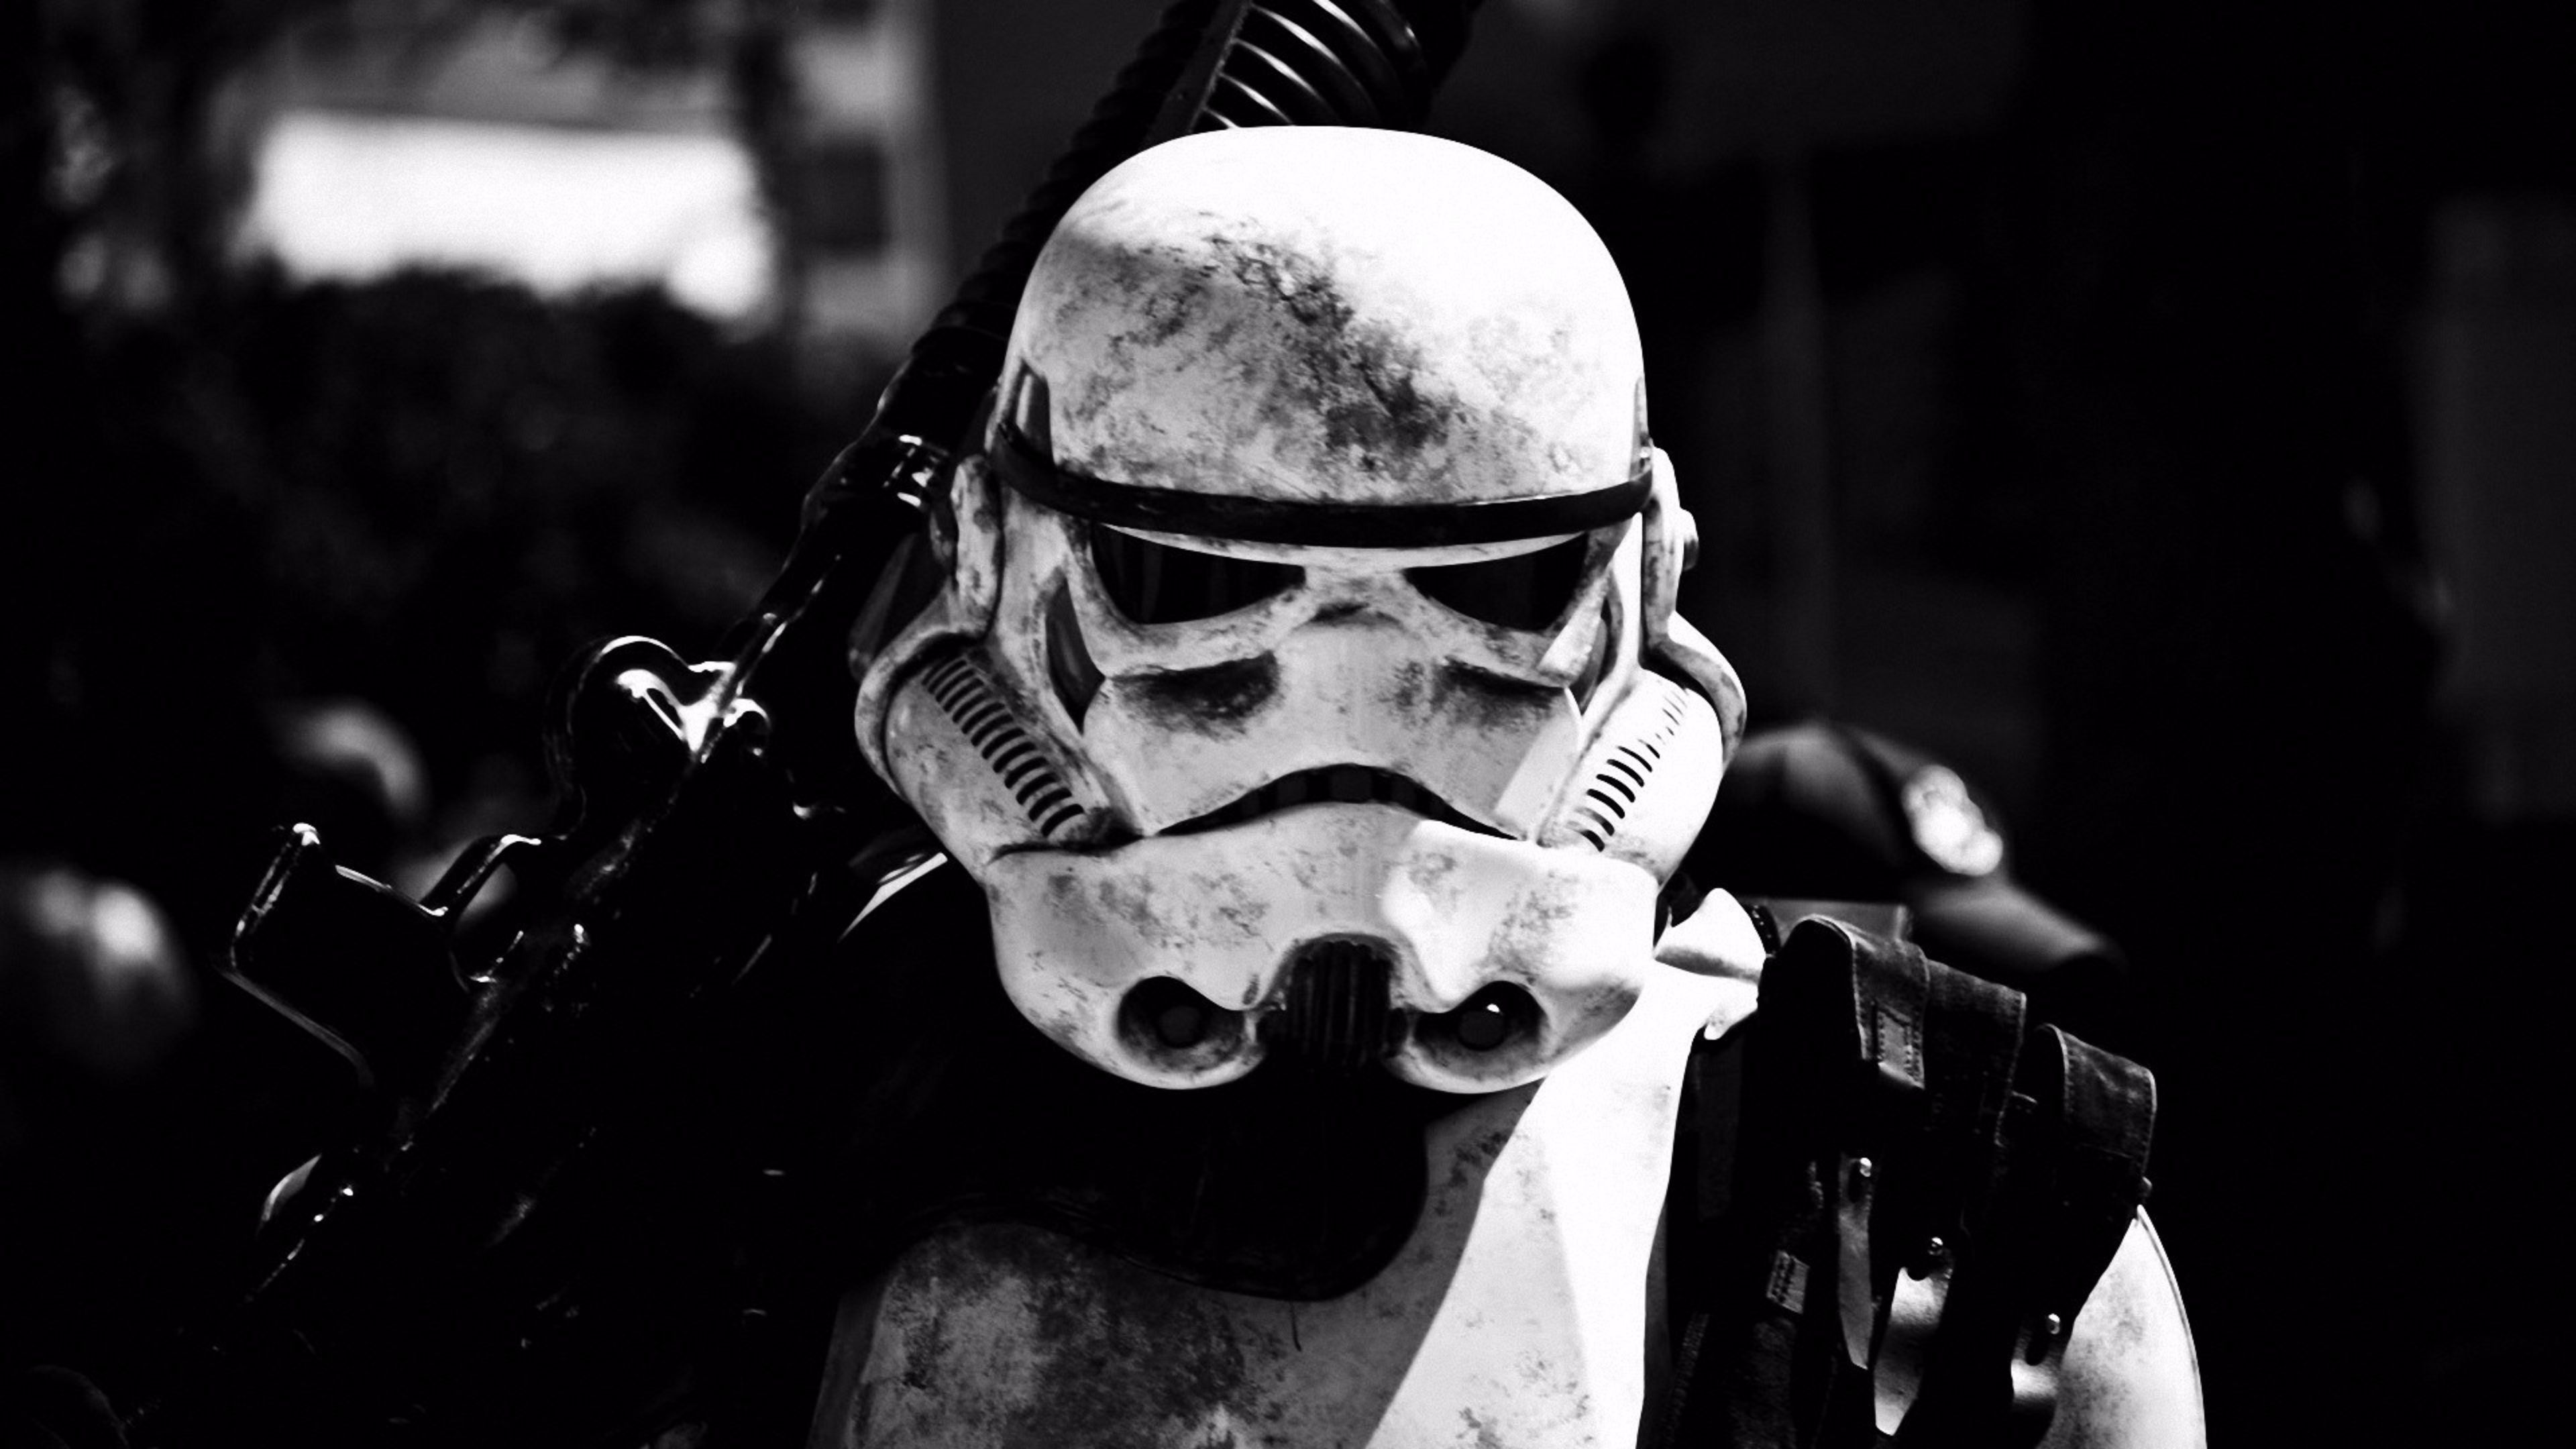 Stormtrooper Ps4wallpapers Com